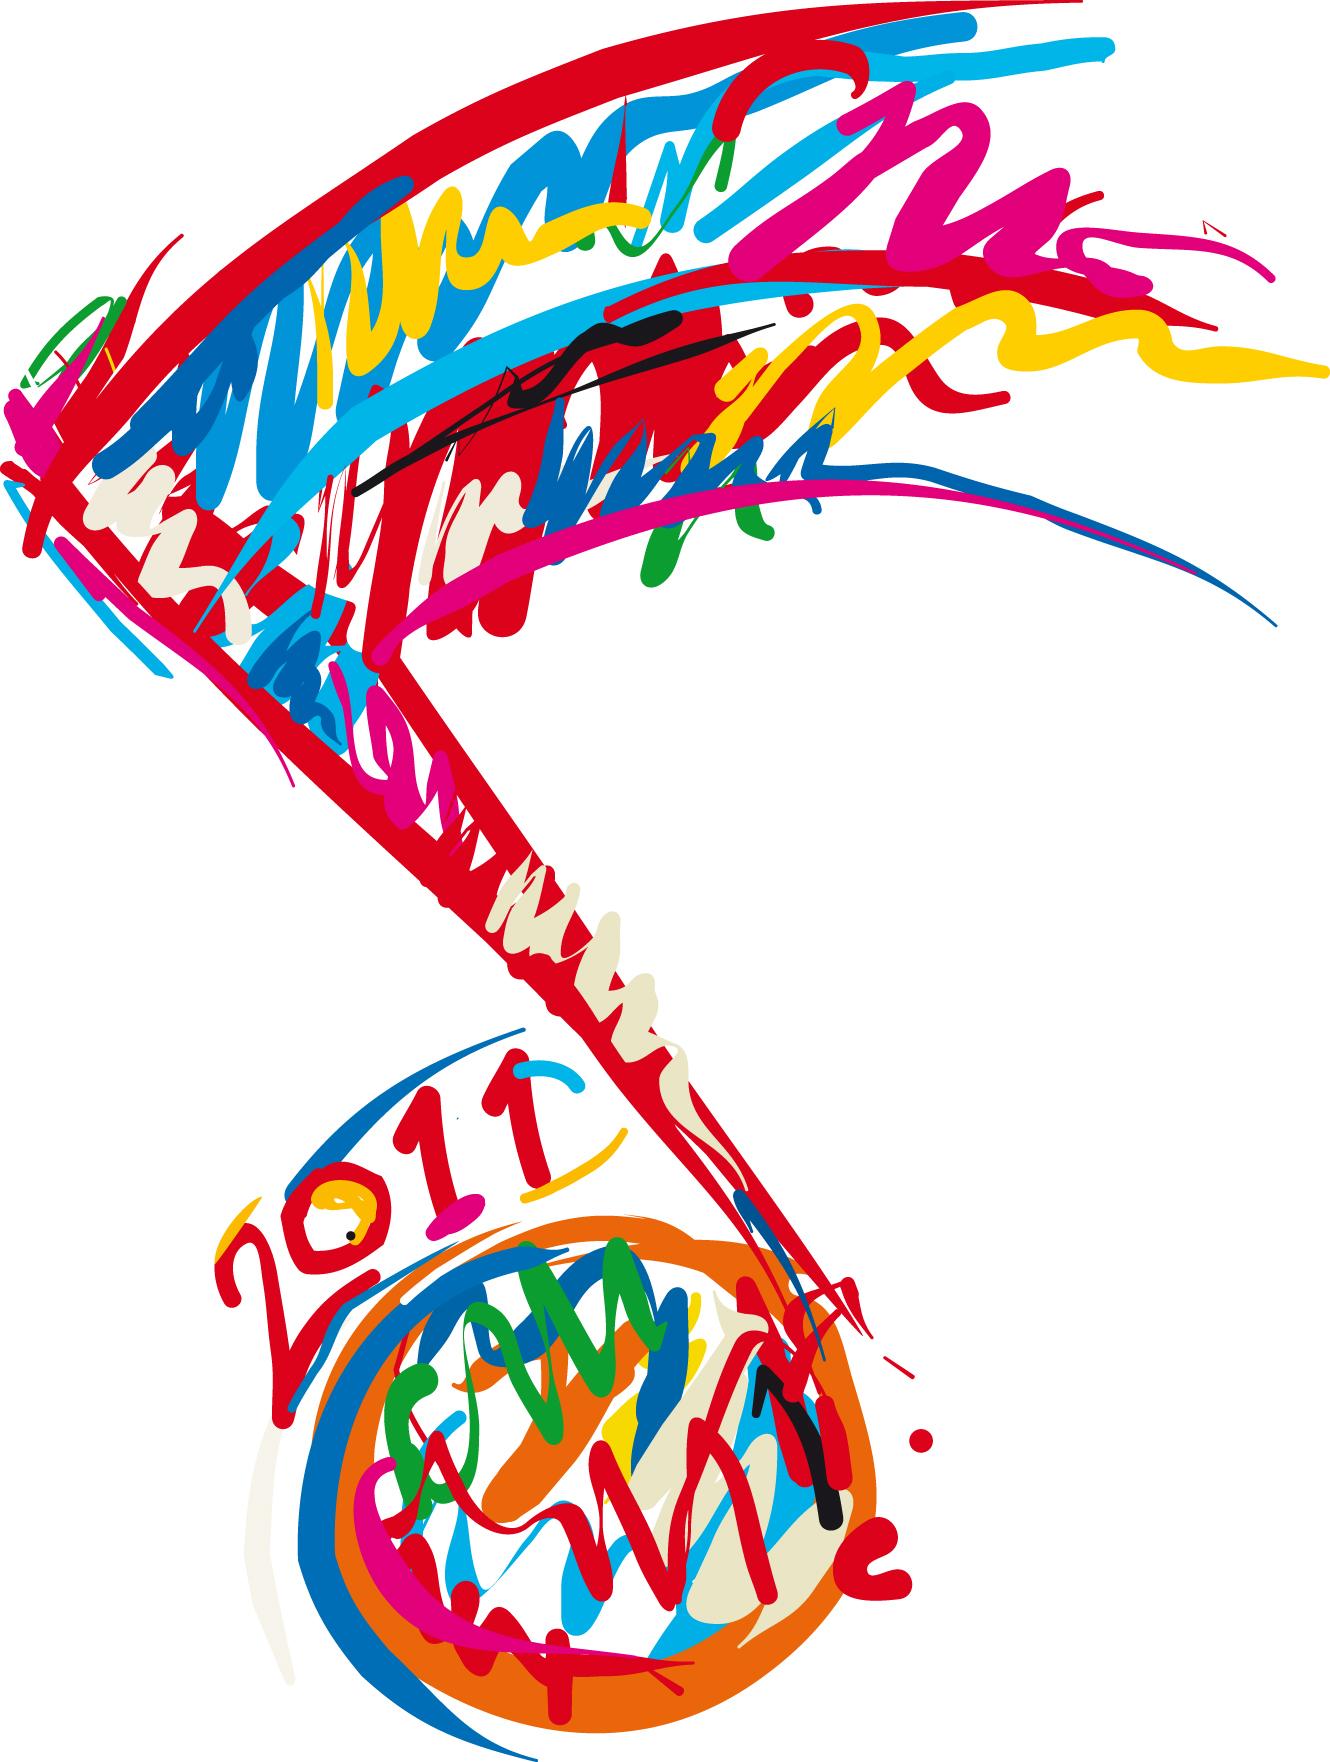 LUGLIO SUONA BENE 2011